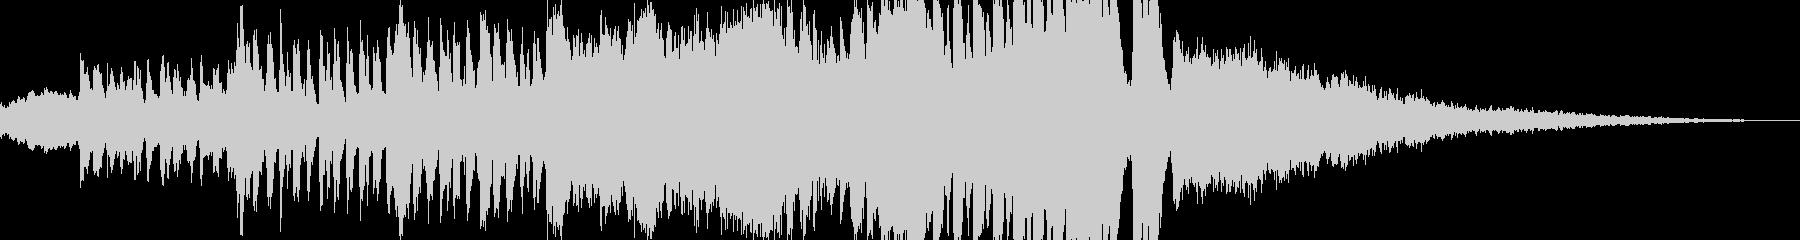 パワフルで劇的に激しい、この壮大な...の未再生の波形